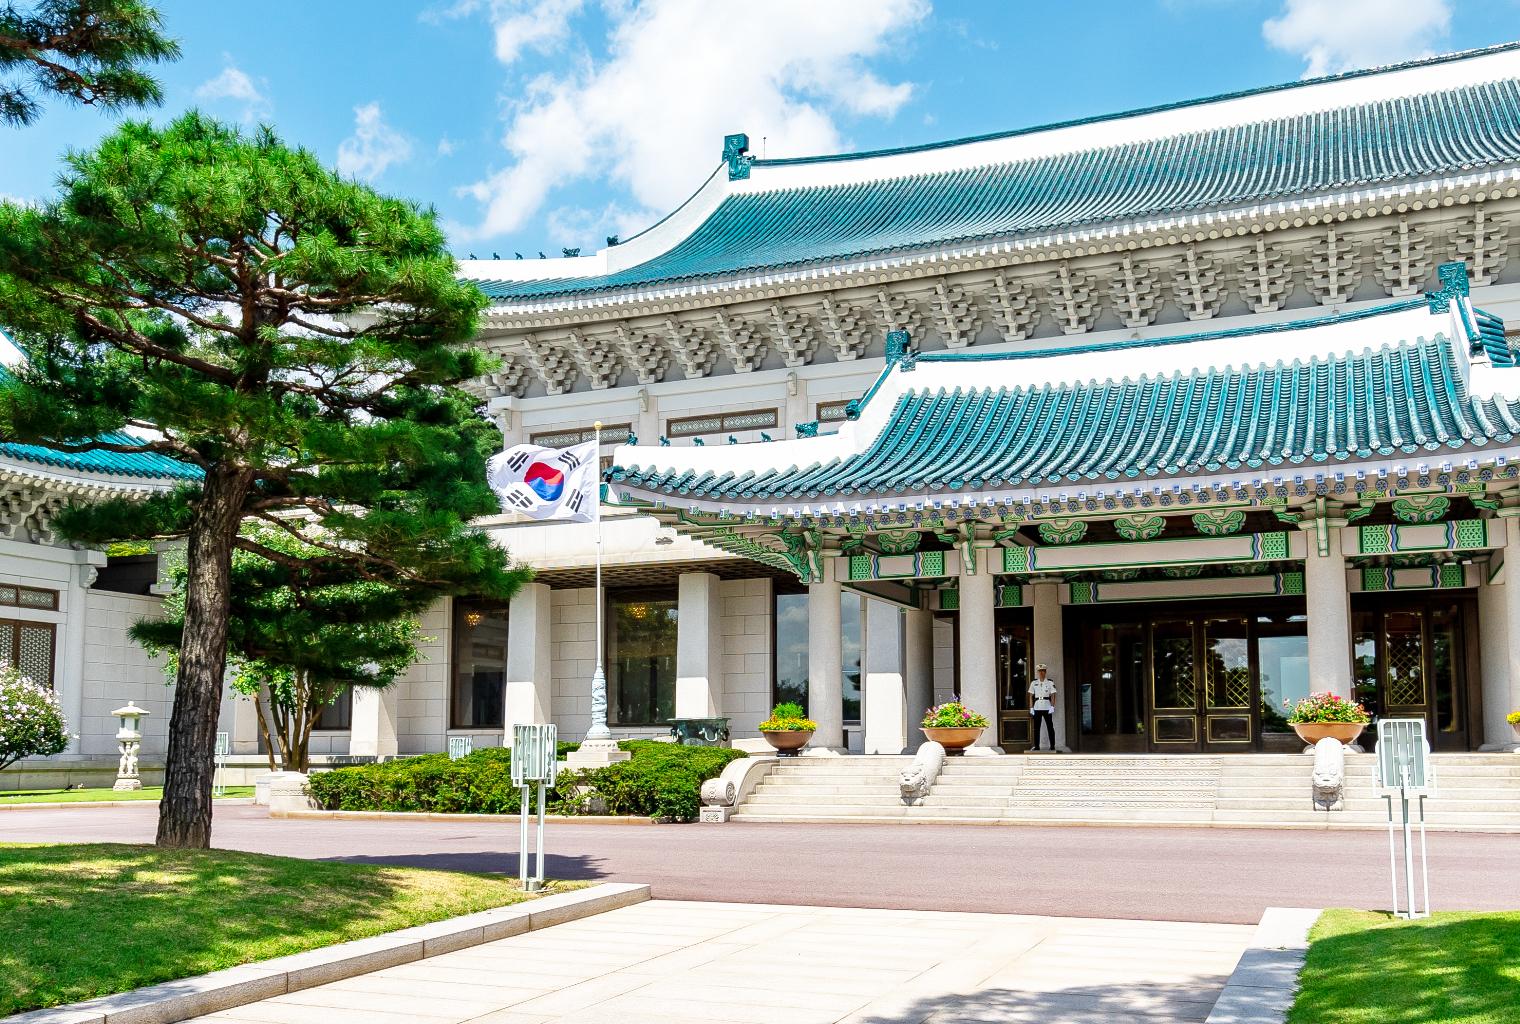 El Comité Presidencial de Corea se esfuerza por legalizar la criptografía